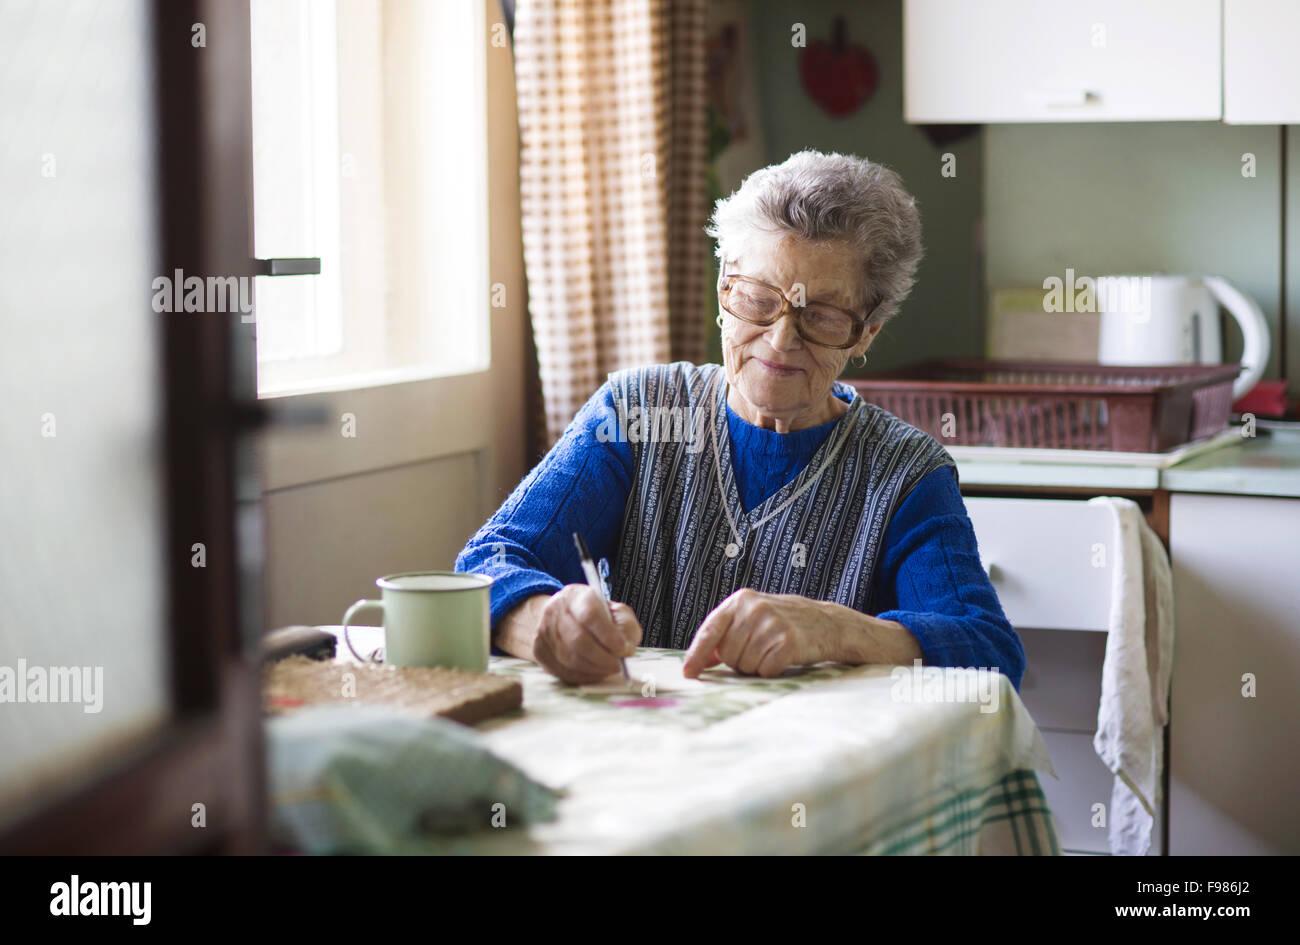 Vieille Femme est assise dans sa cuisine de style campagnard Photo Stock